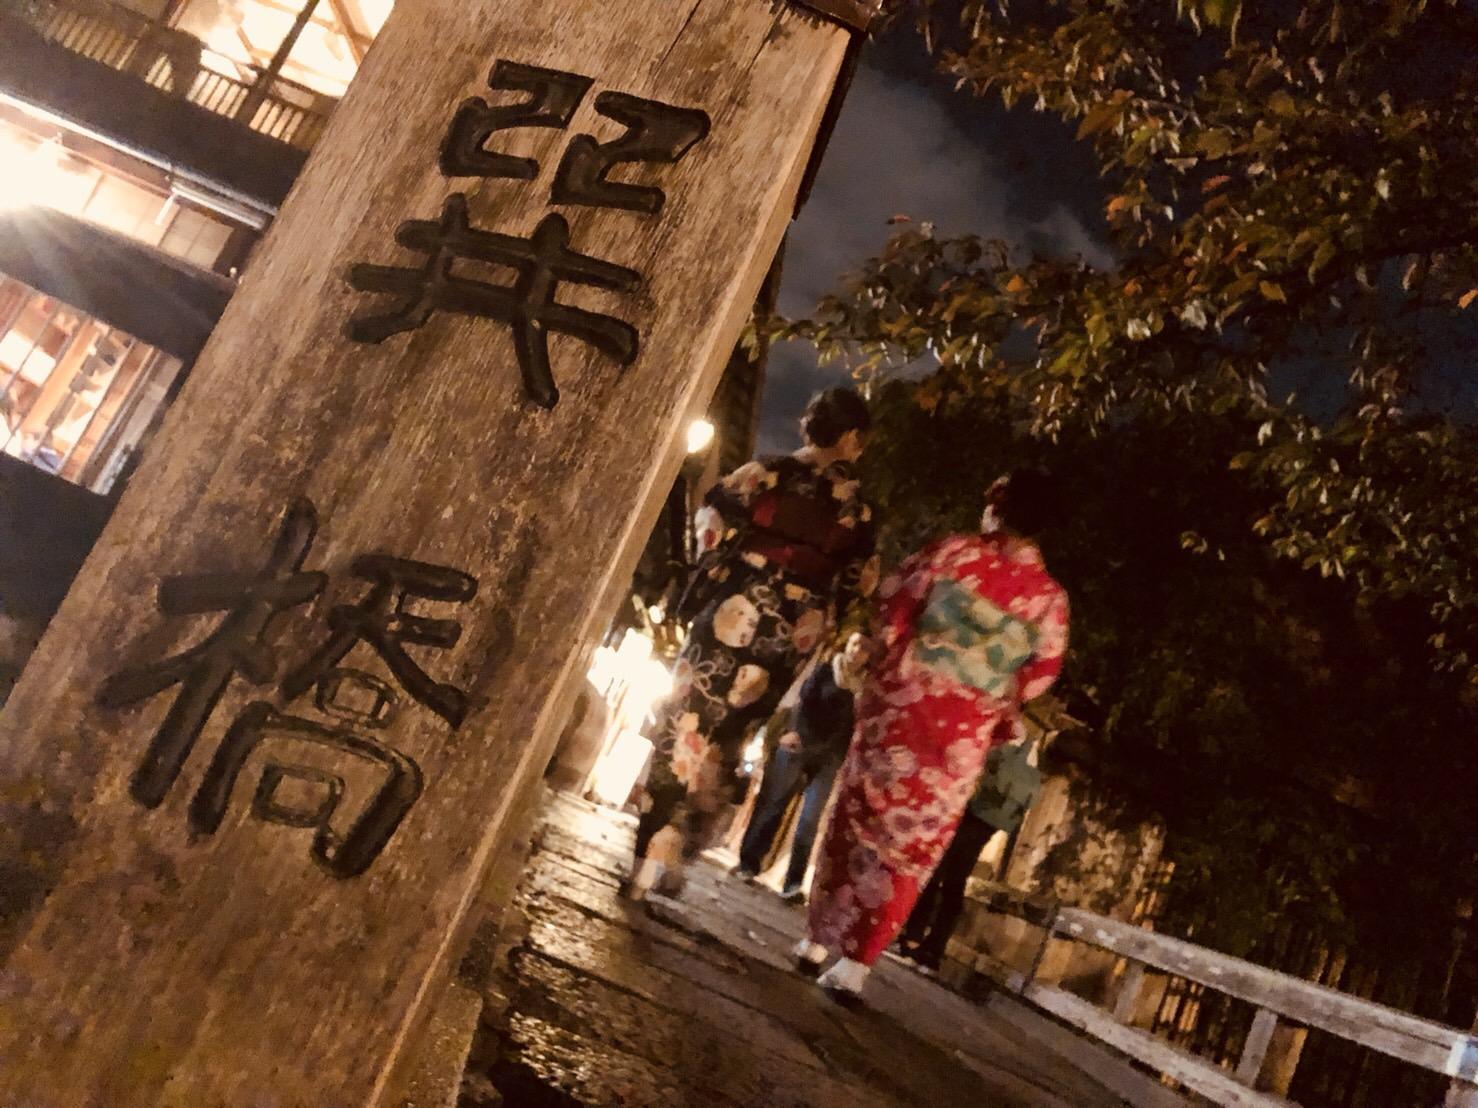 護王神社はいのしし神社とも言われています!2018年10月27日17